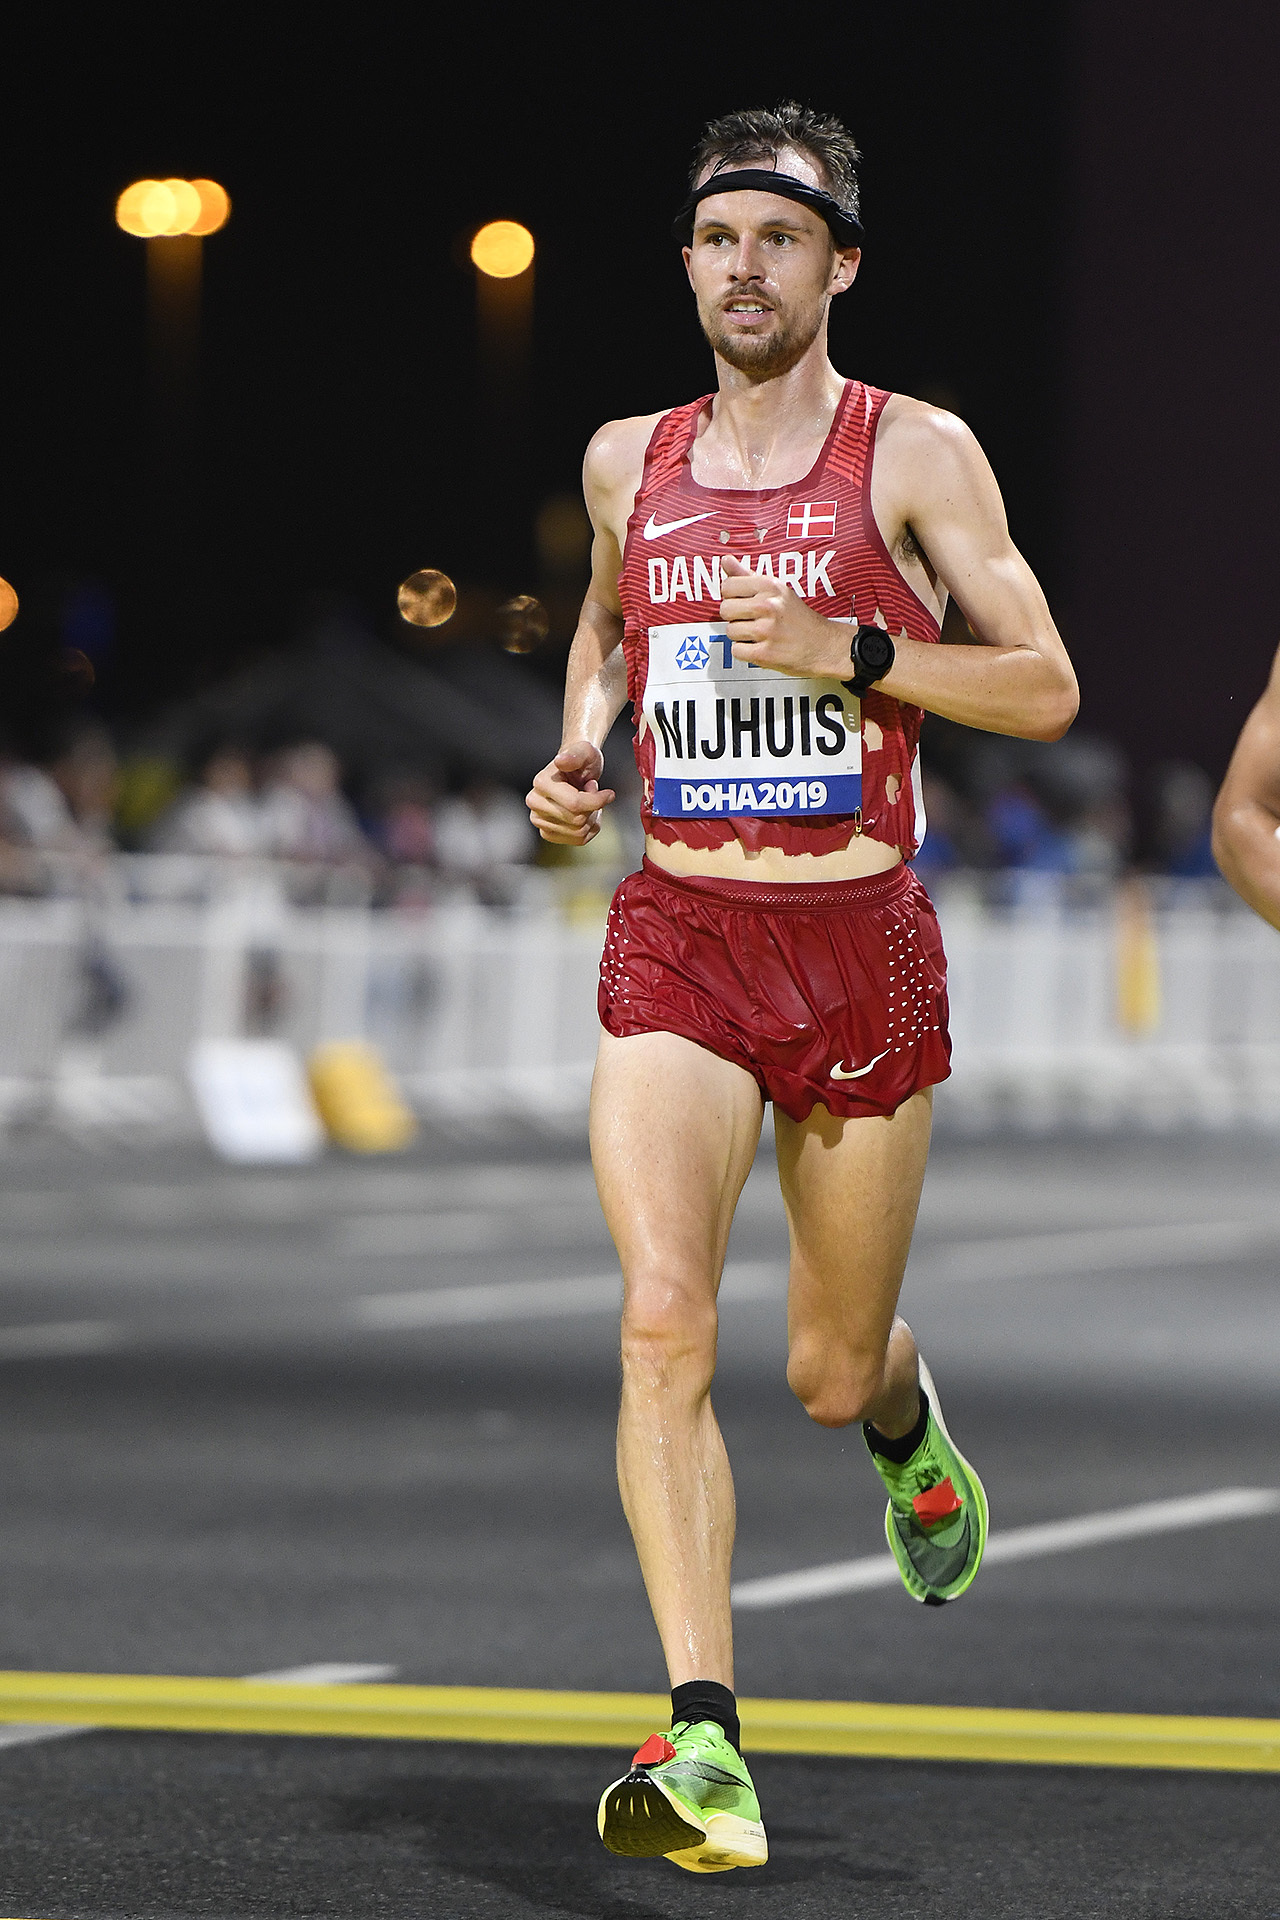 maraton-nijhuis-danske_50D2293.jpg